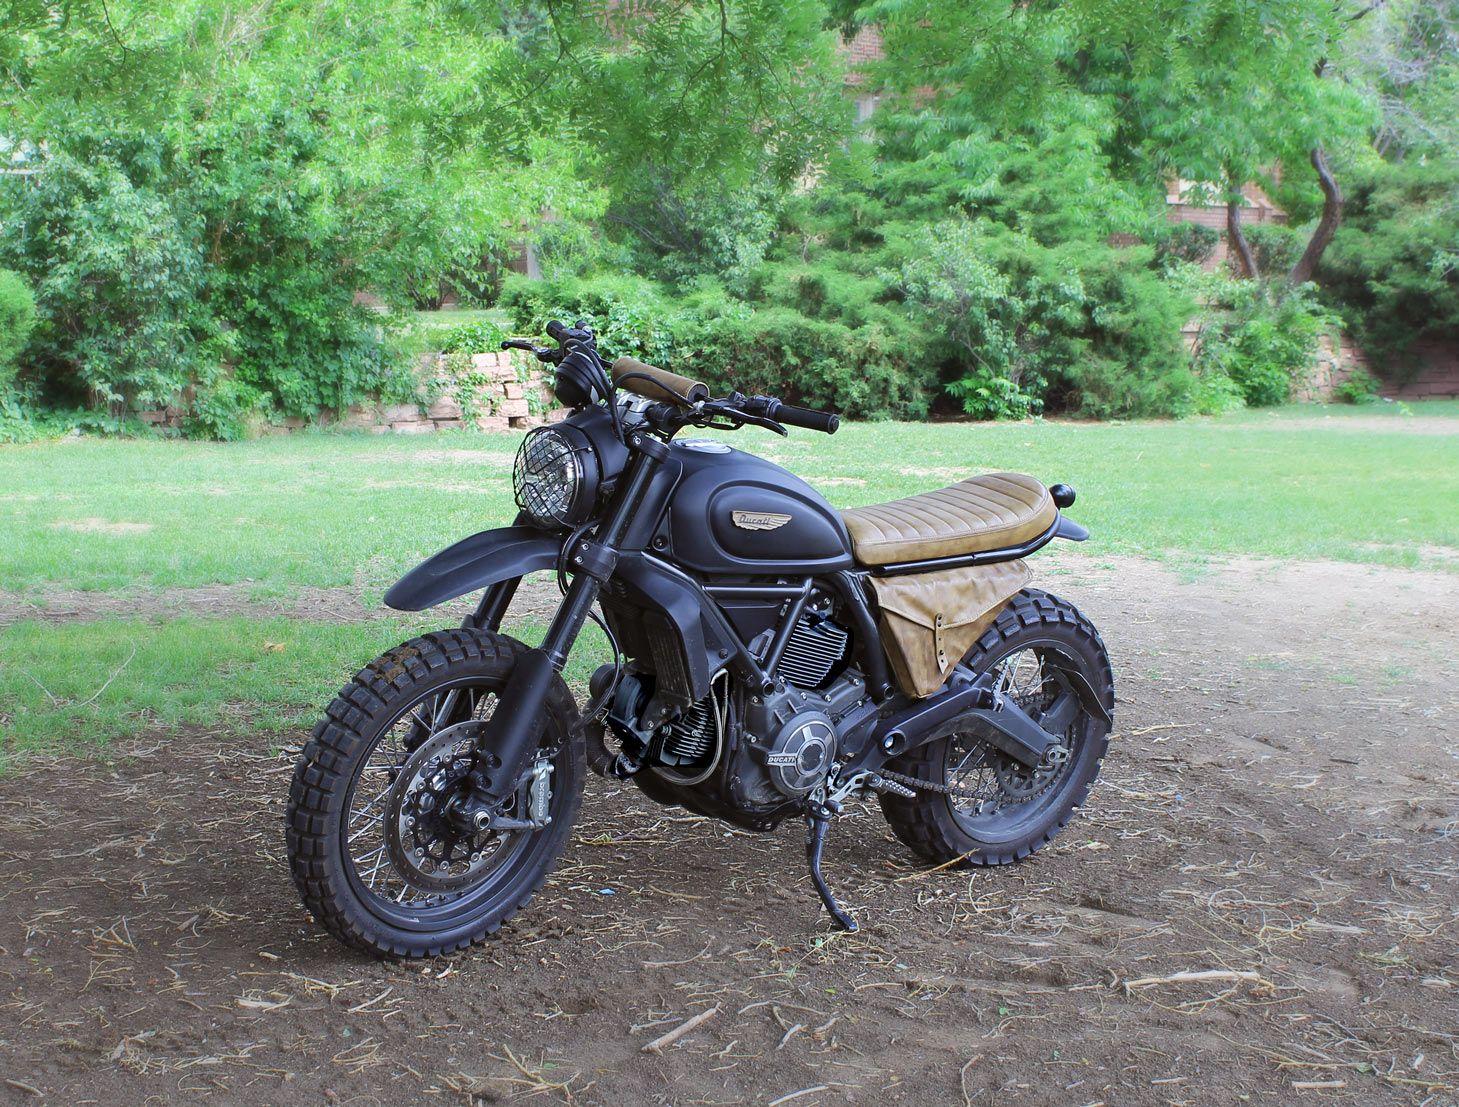 Custom Ducati Scrambler Urban Enduro Motos Ducati Scrambler